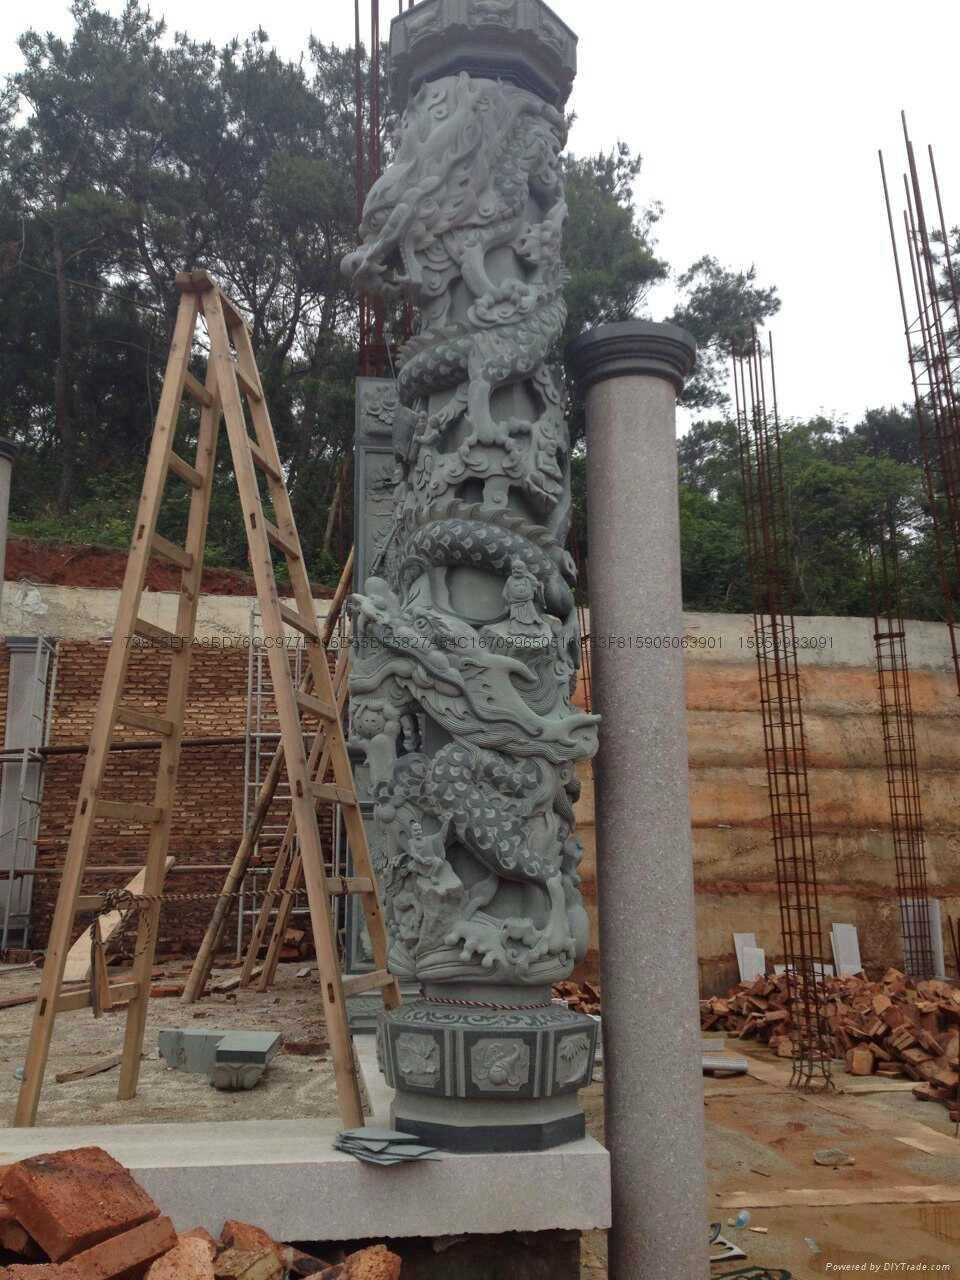 厂家直销(寺庙雕刻)龙柱-青石盘龙柱 9